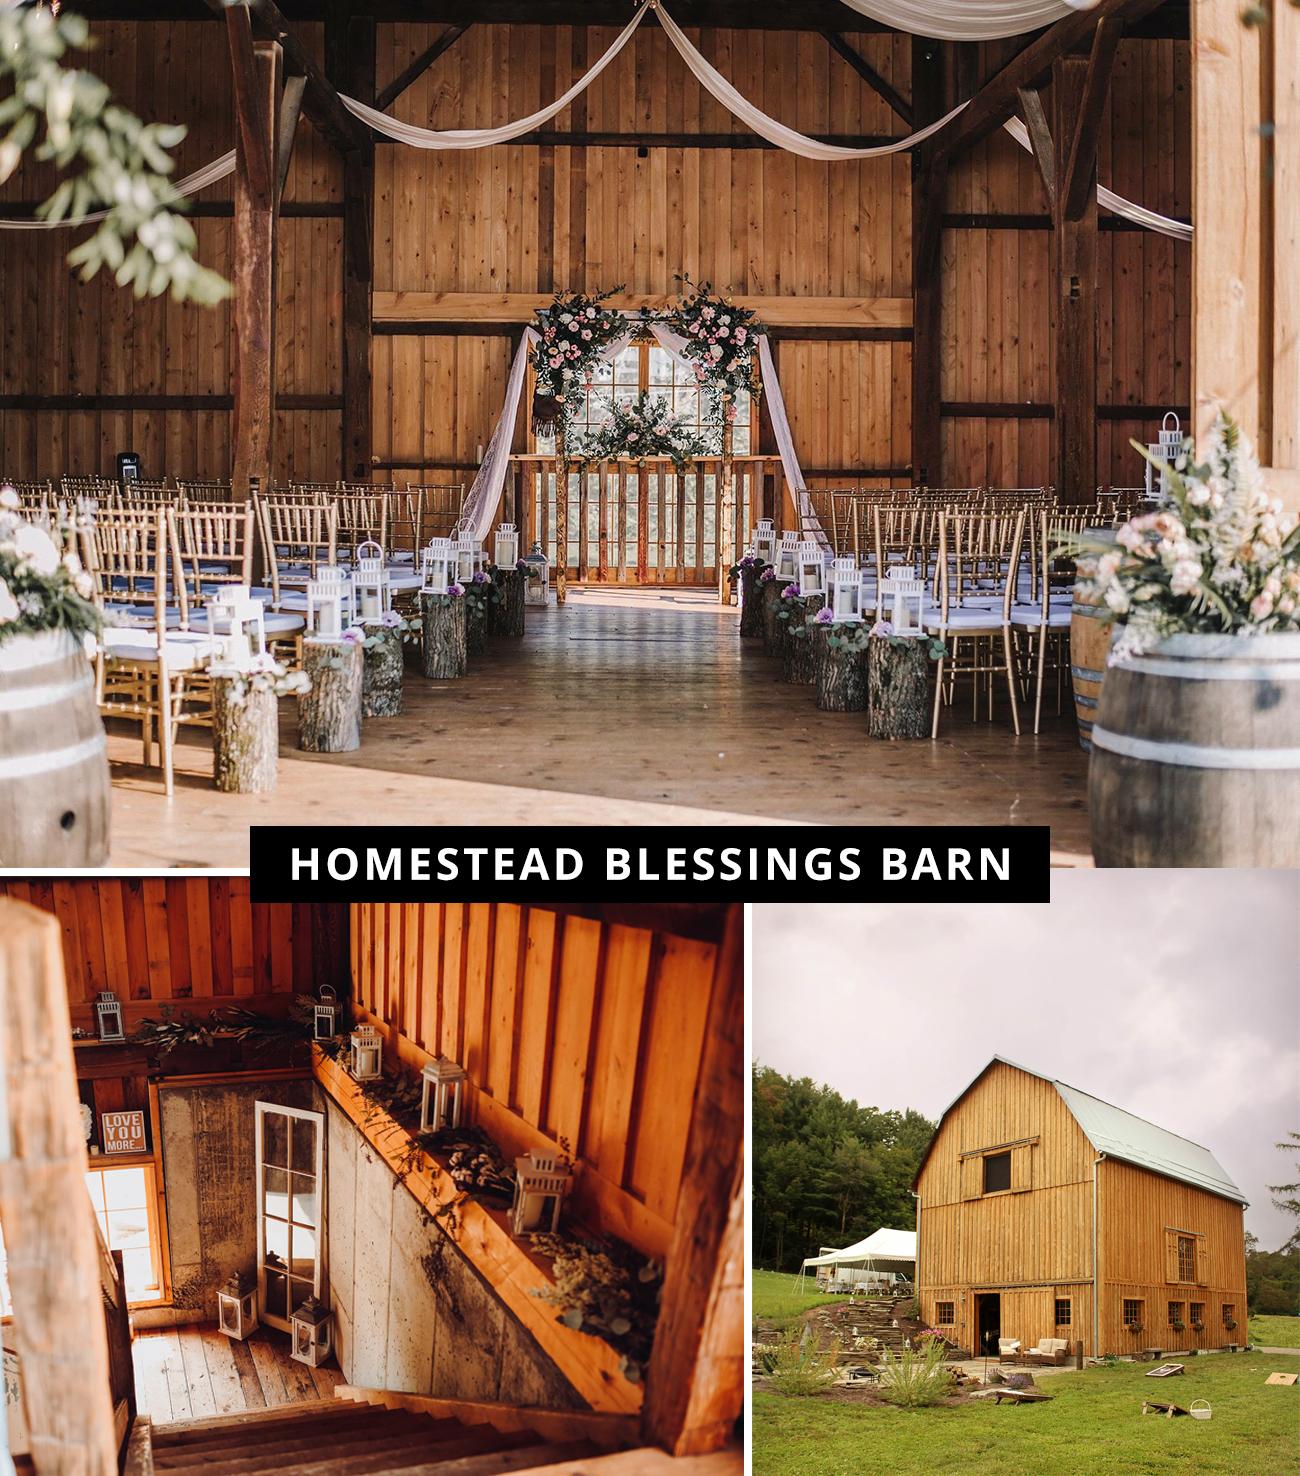 Homestead Blessings Barn